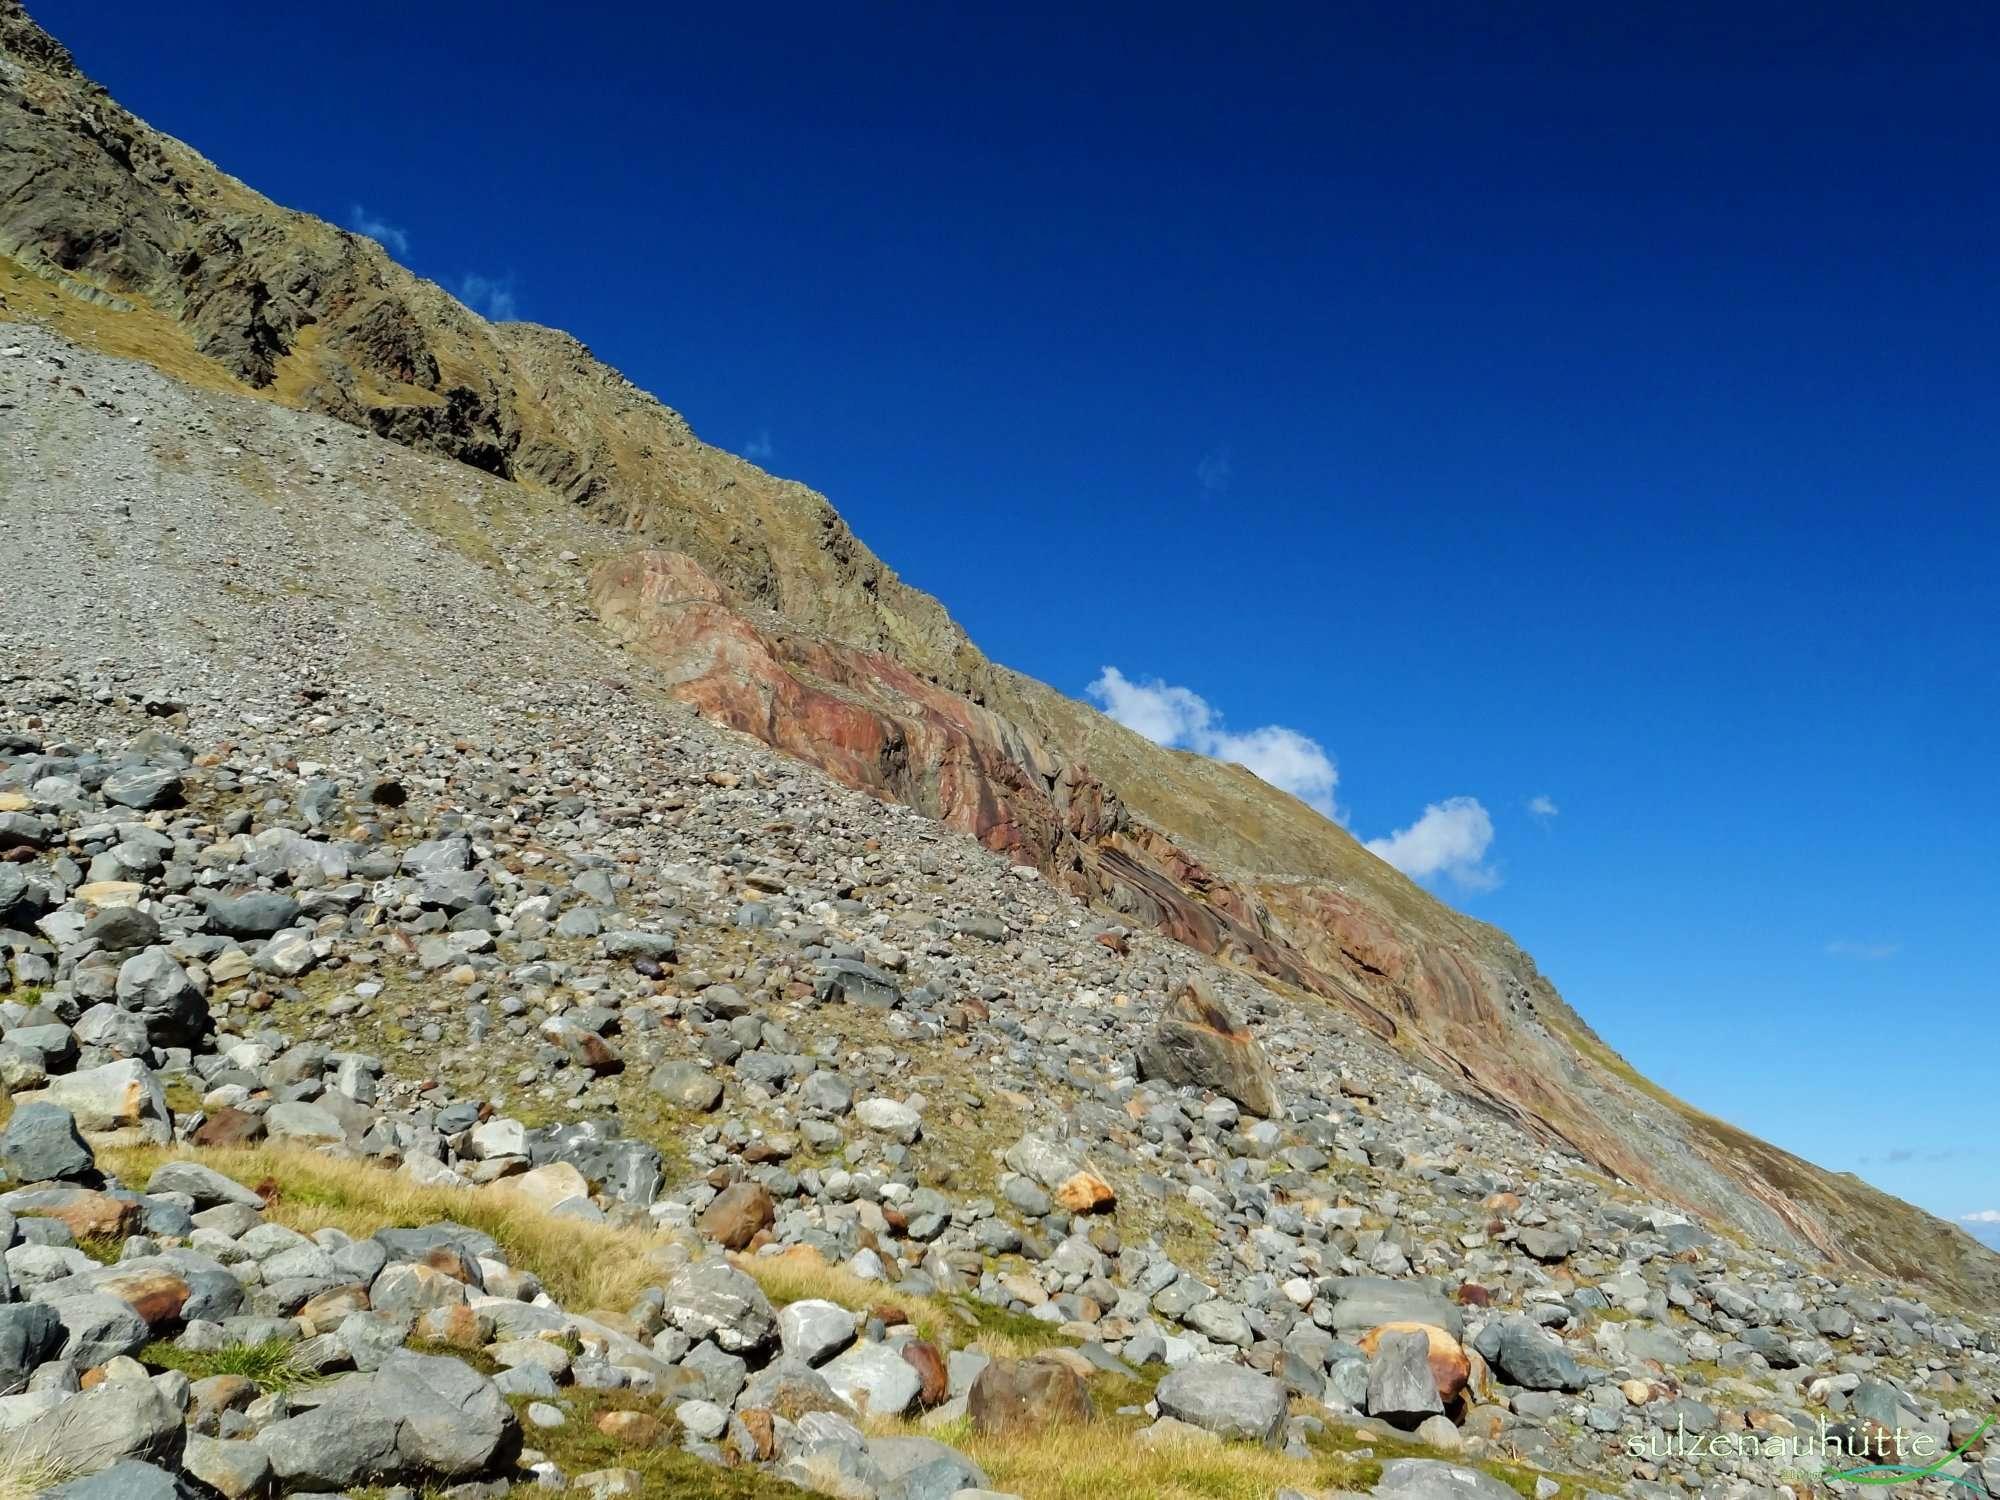 Gletscherschliff beim Peiljochweg - Stubaier Höhenweg